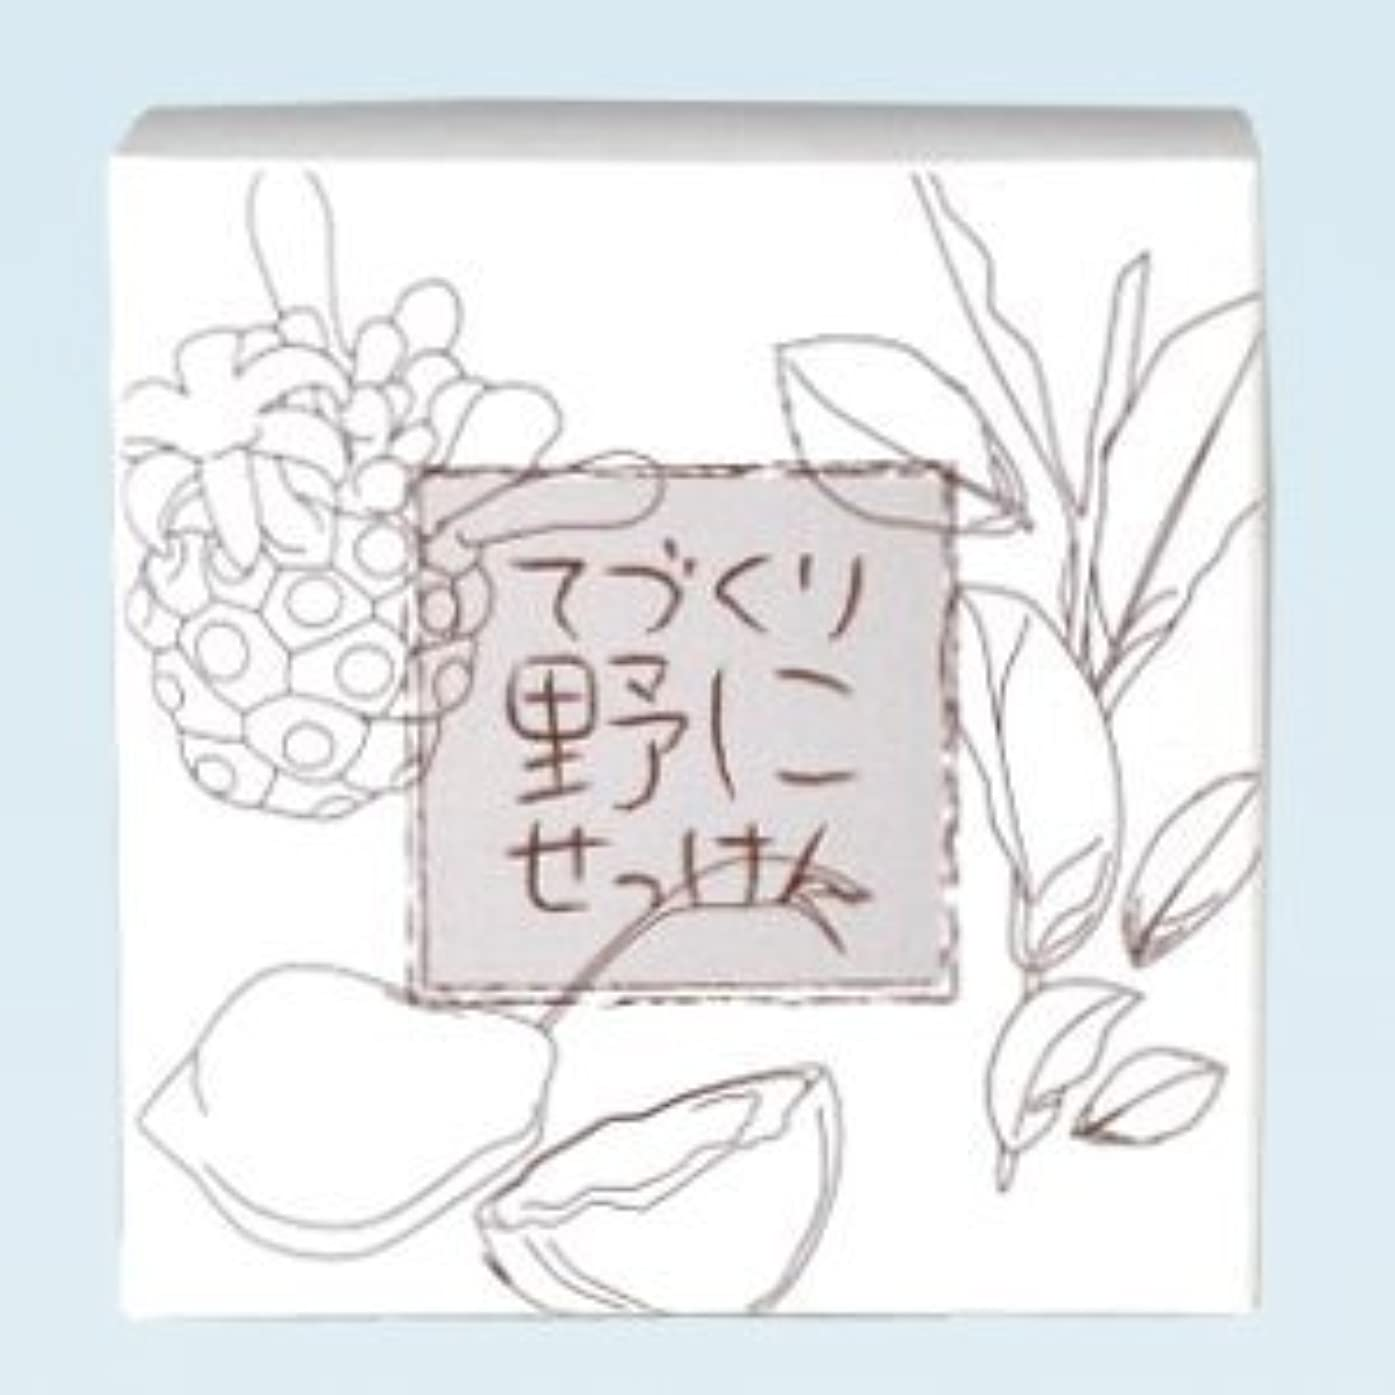 幻影長さ印象的な緑茶 ノニ石鹸 てづくり野にせっけん(115g)